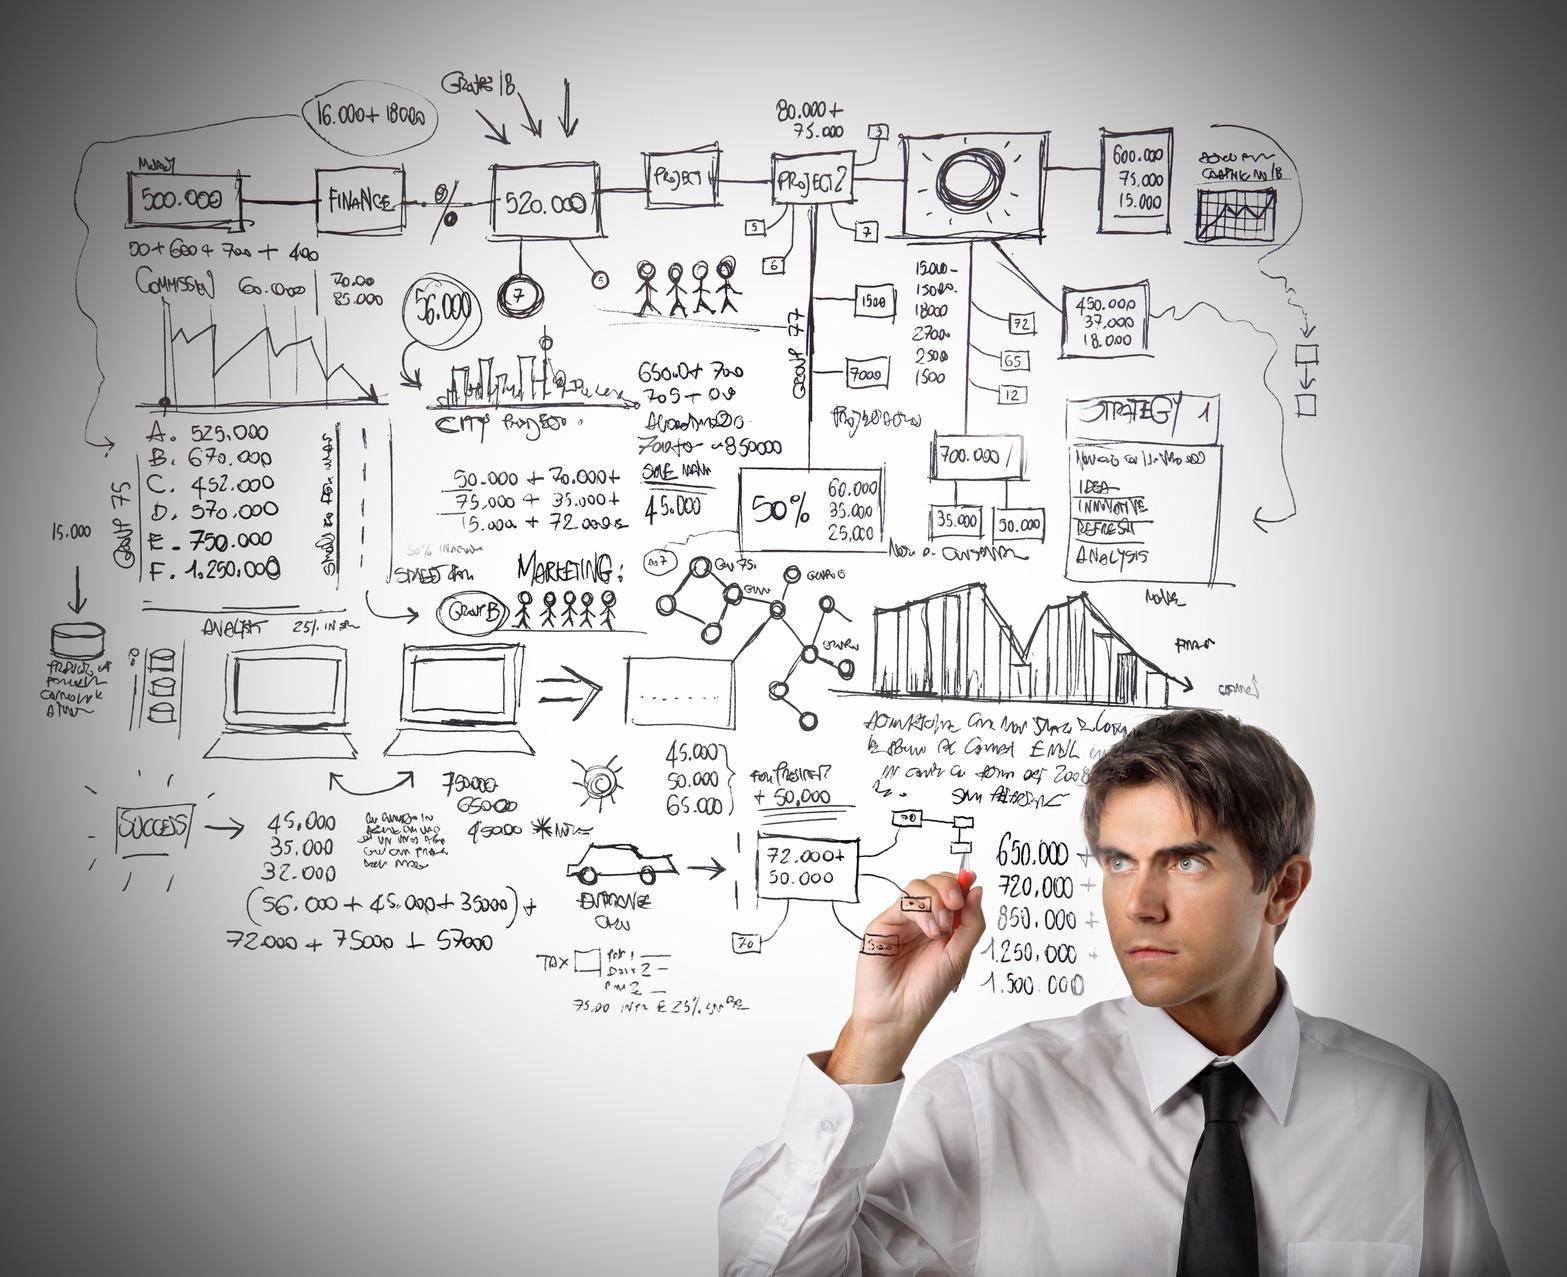 инвестиционный бизнес план